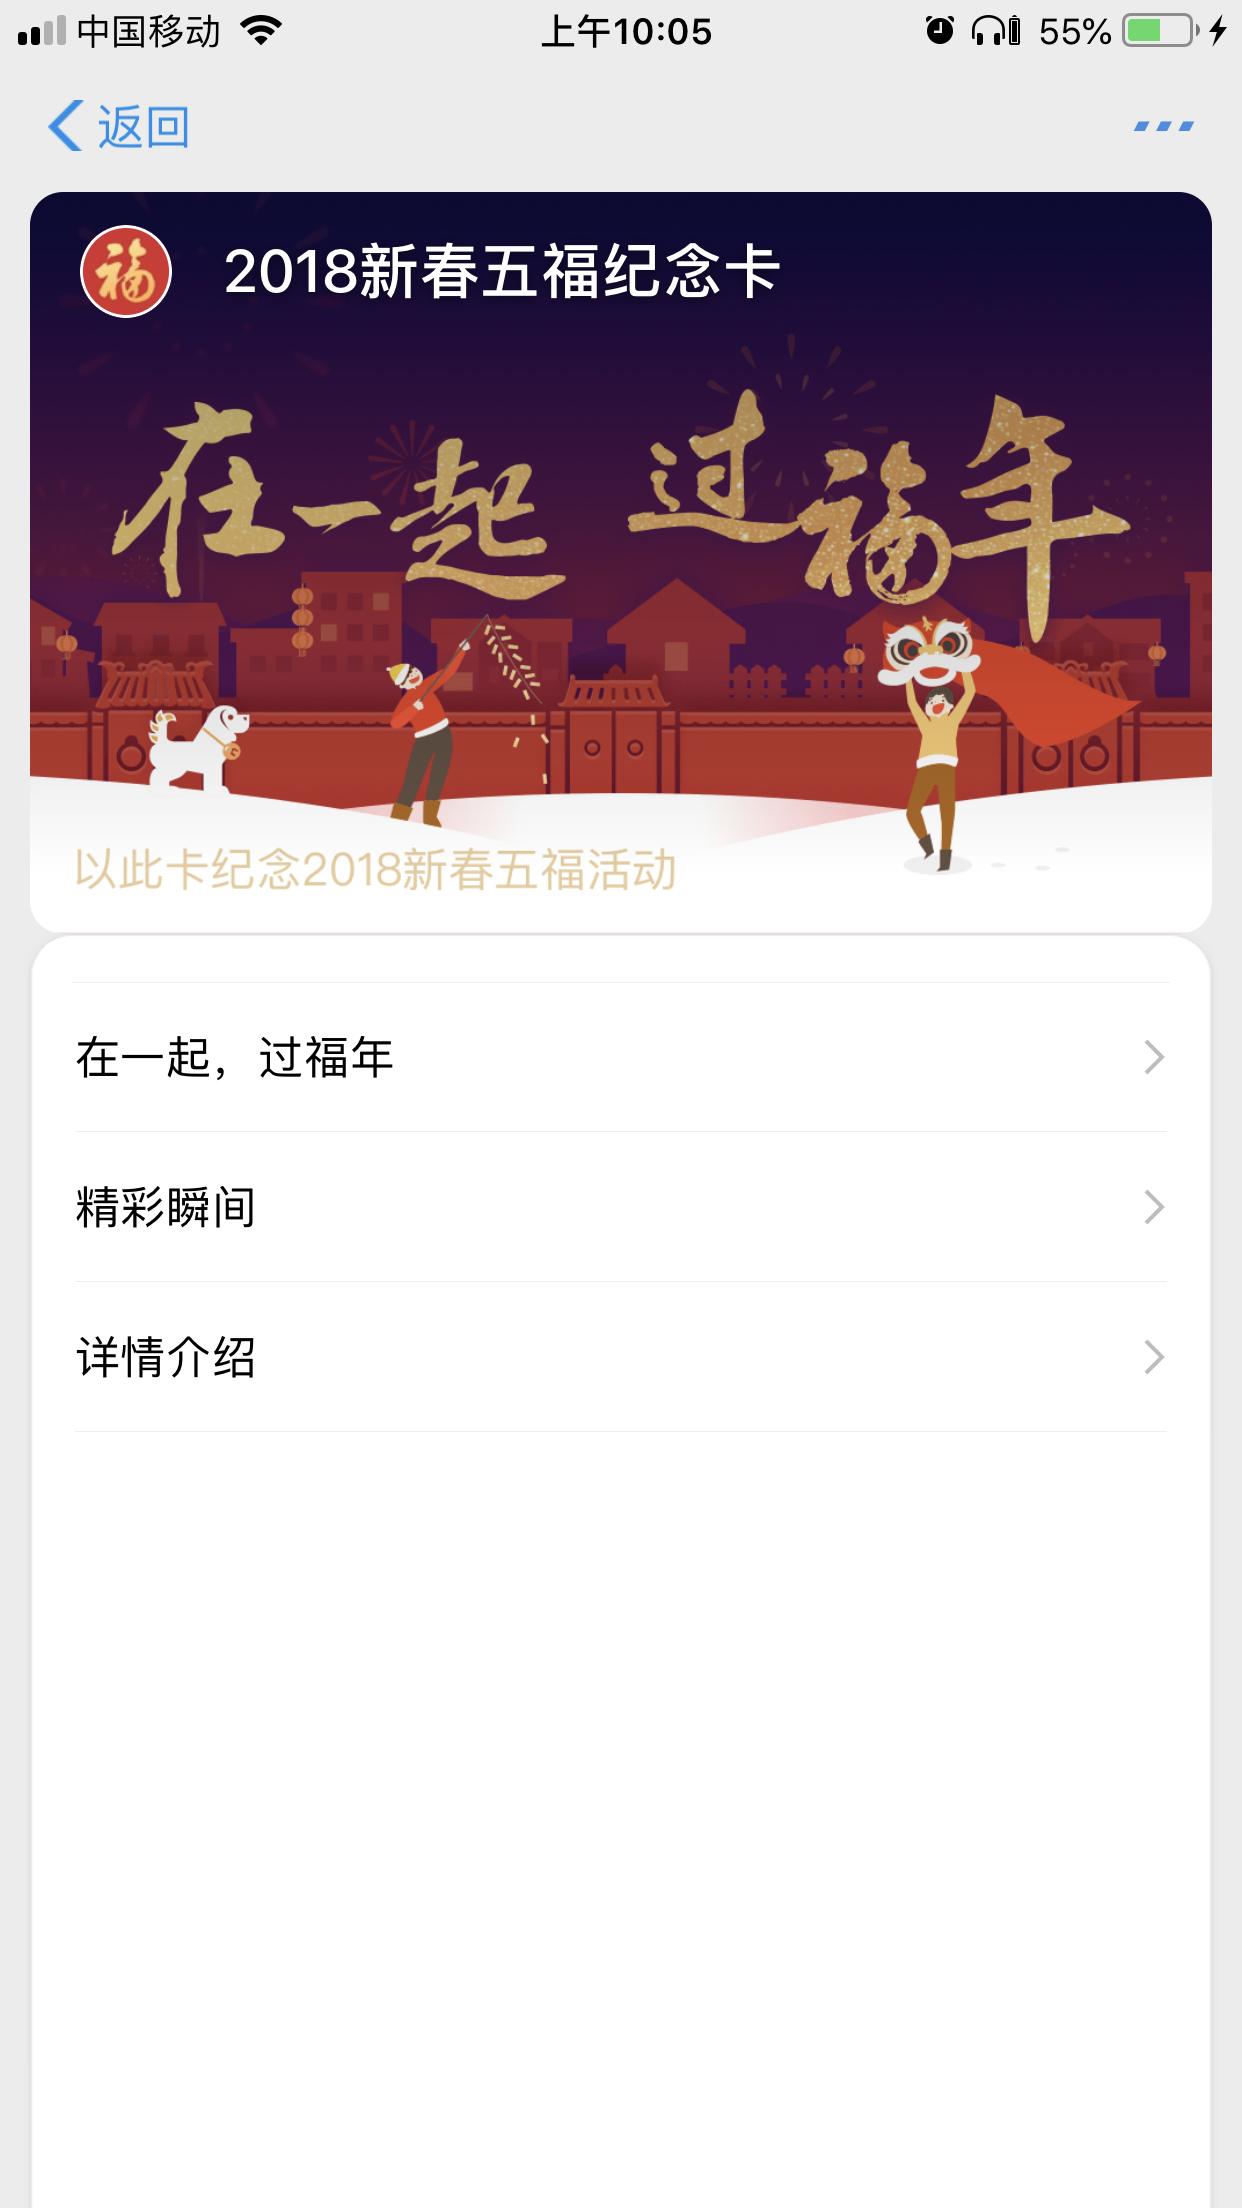 支付宝发布2020年春节集五福时间 预热宣传片 到哪儿了